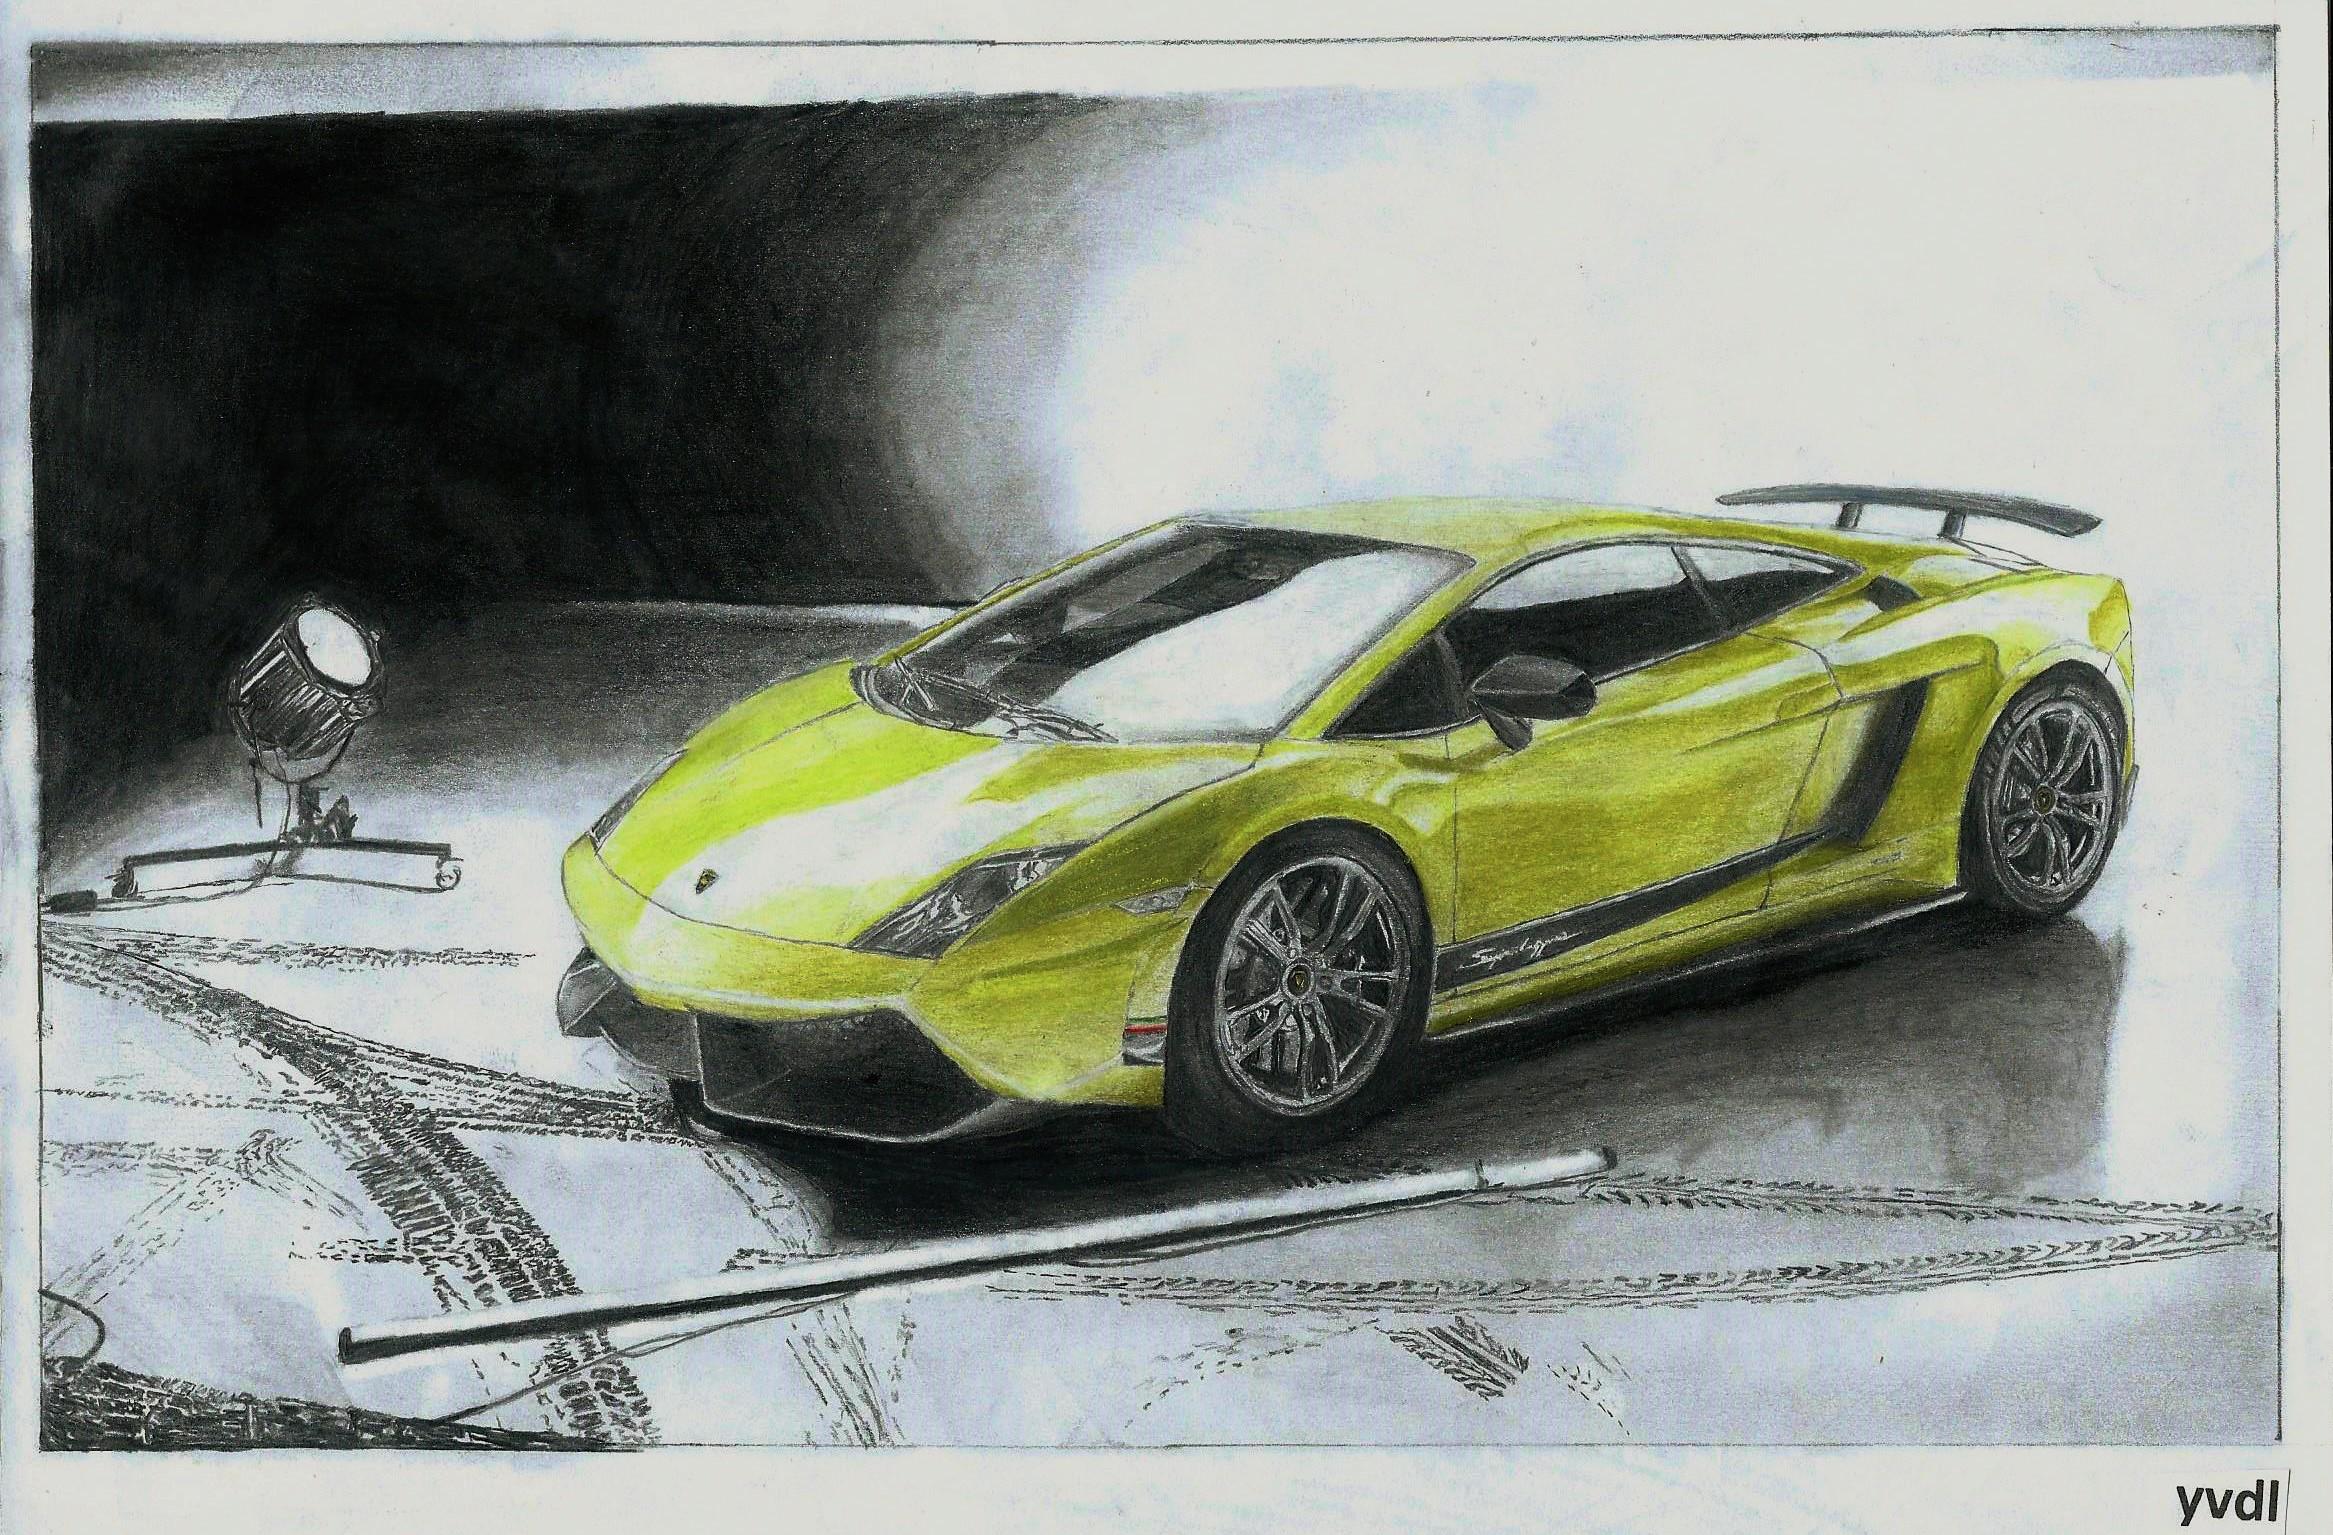 2333x1535 Drawing Of A Lamborghini Gallardo Lp570 4 Superleggera.